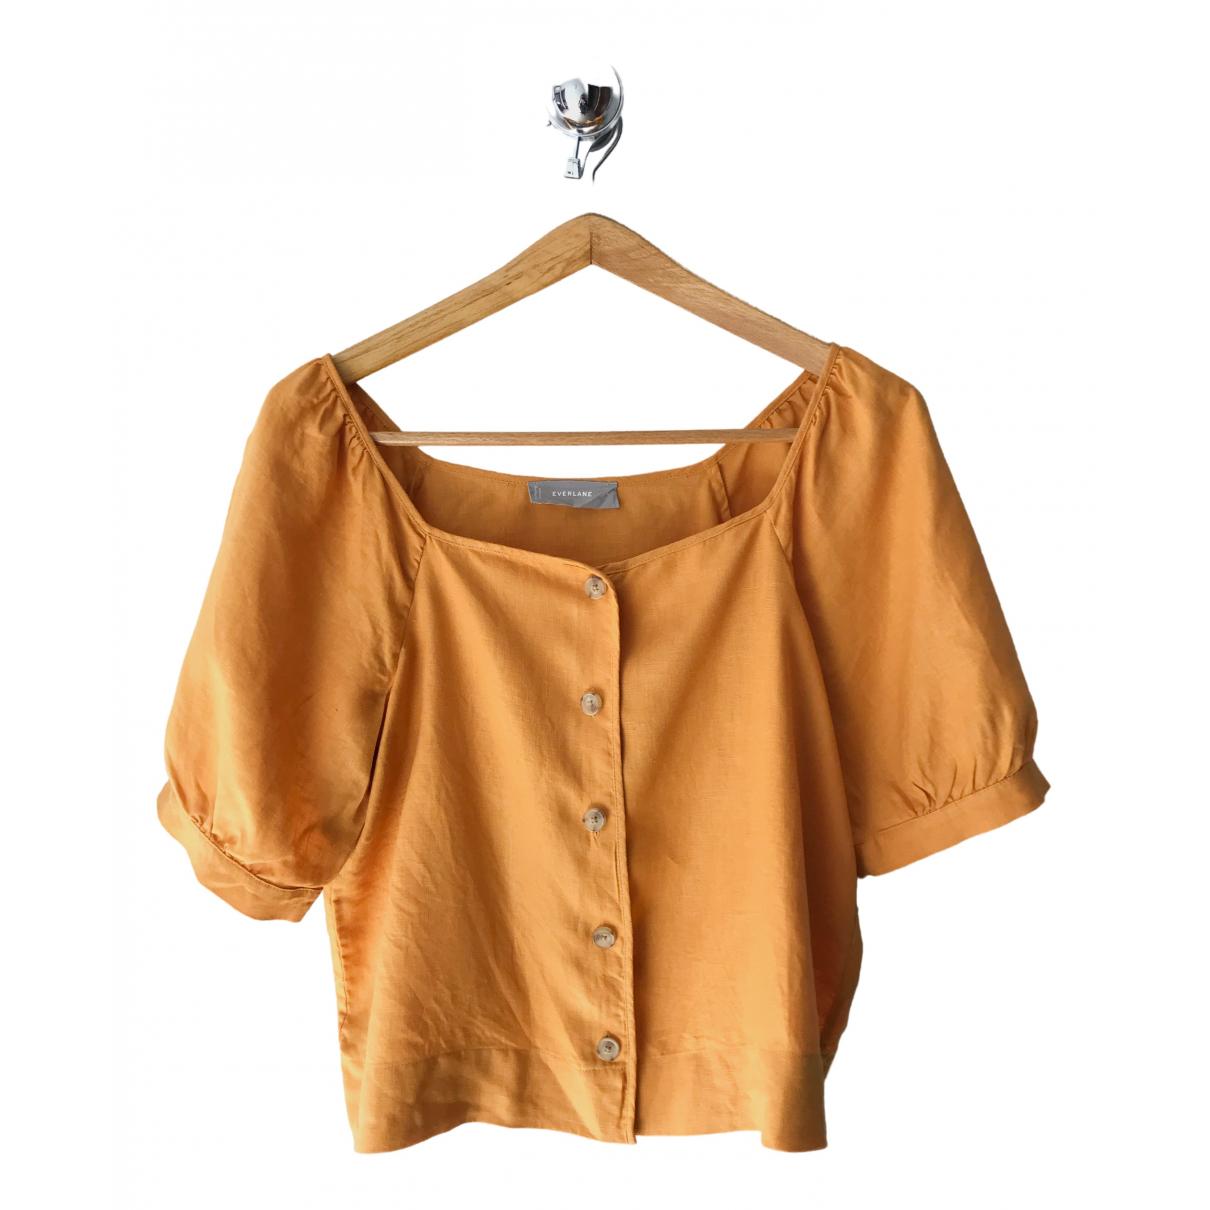 Everlane - Top   pour femme en lin - jaune